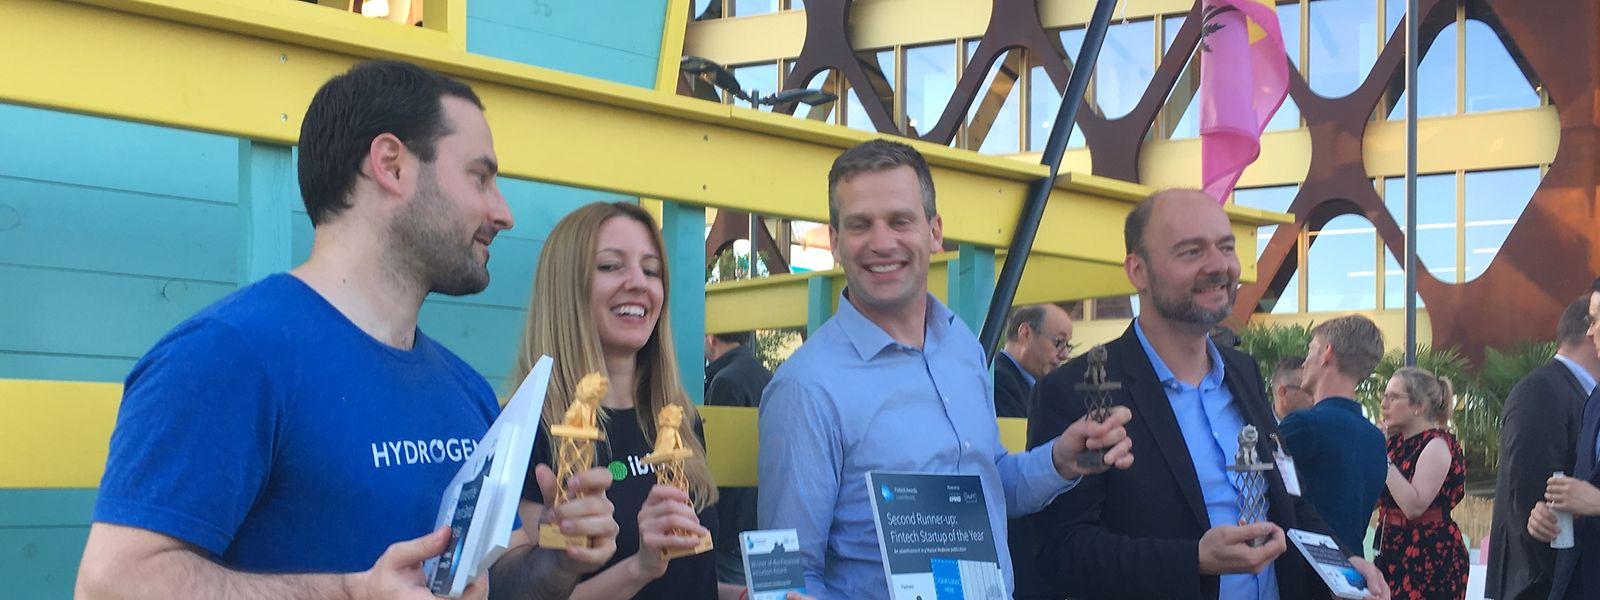 Mike Kane, le vainqueur avec Hydrogen, au côté de Maria Mateo (Big Valley - prix de l'inclusion financière), Philip Schoh (Apiax - 3e) et Olivier Debeugny (Lingua Custodia - 2e) de gauche à droite